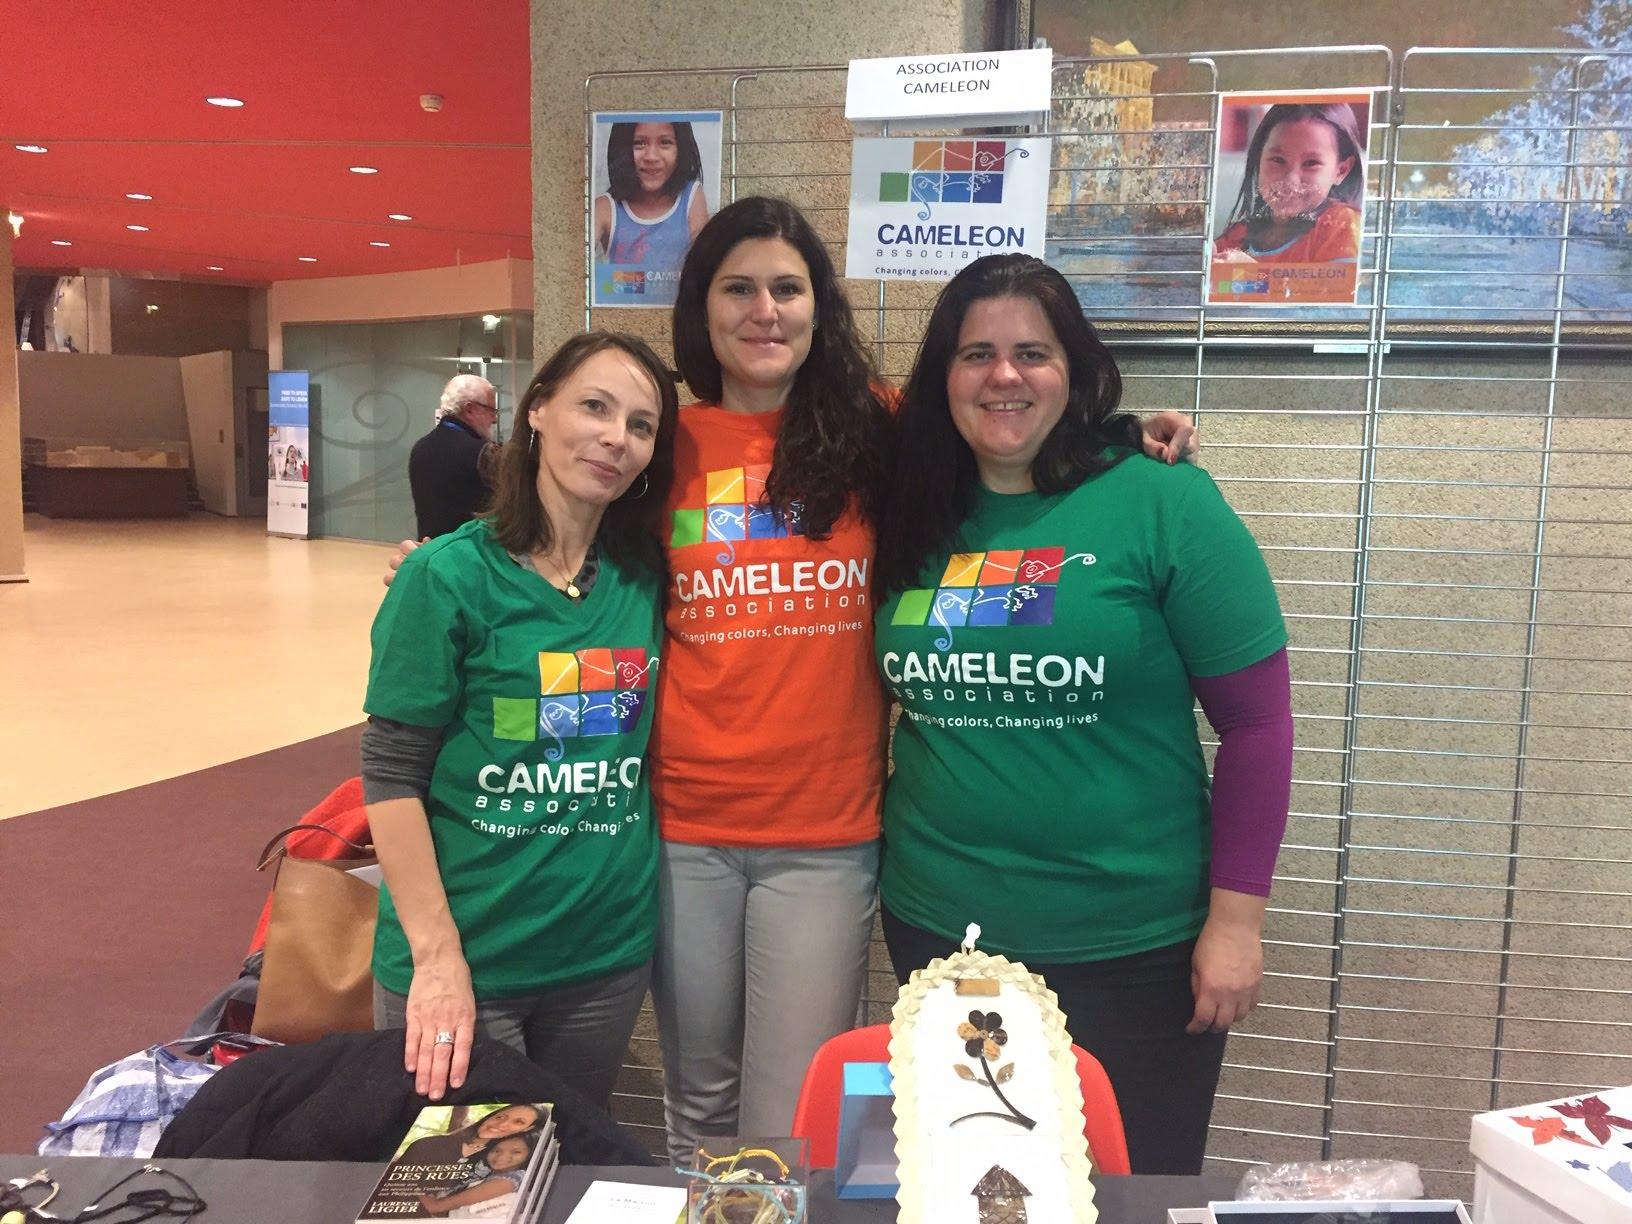 Les actions des bénévoles France d'octobre 2018 à mars 2019